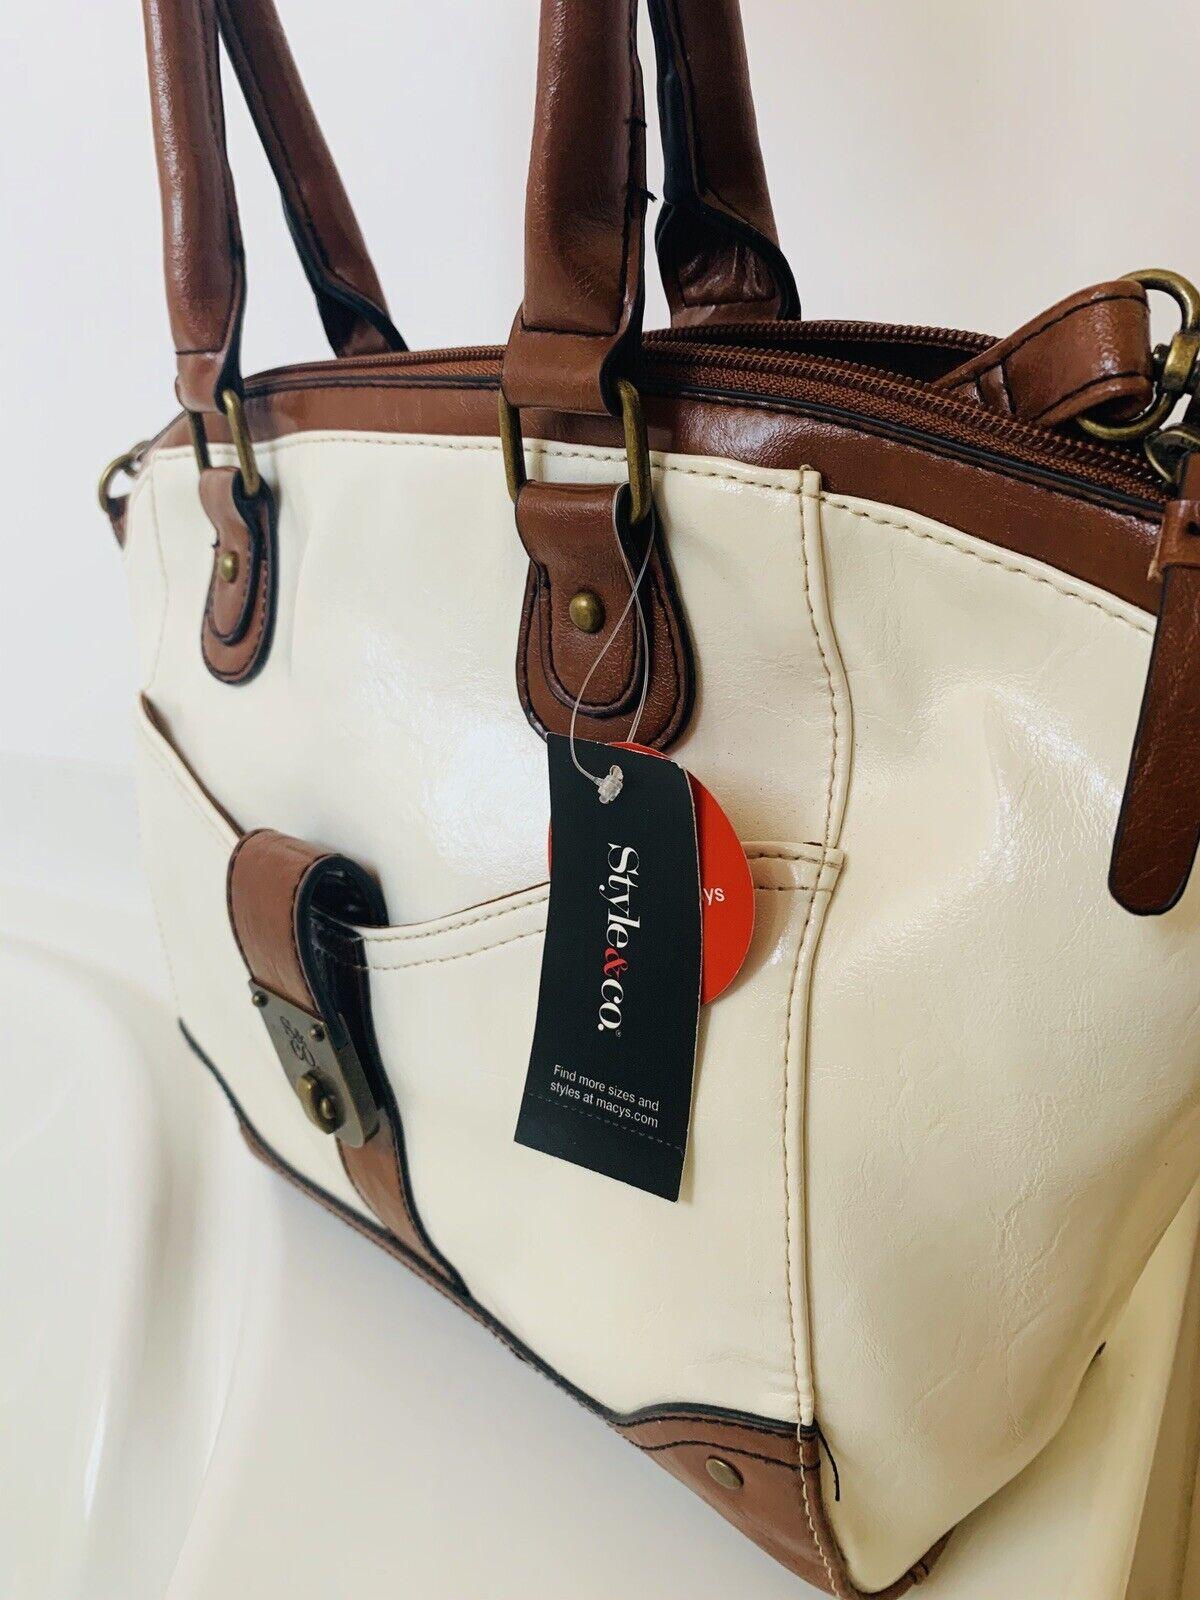 STYLE & Co T Lock Smart Wear Satchel Ivory Brown Handbag New